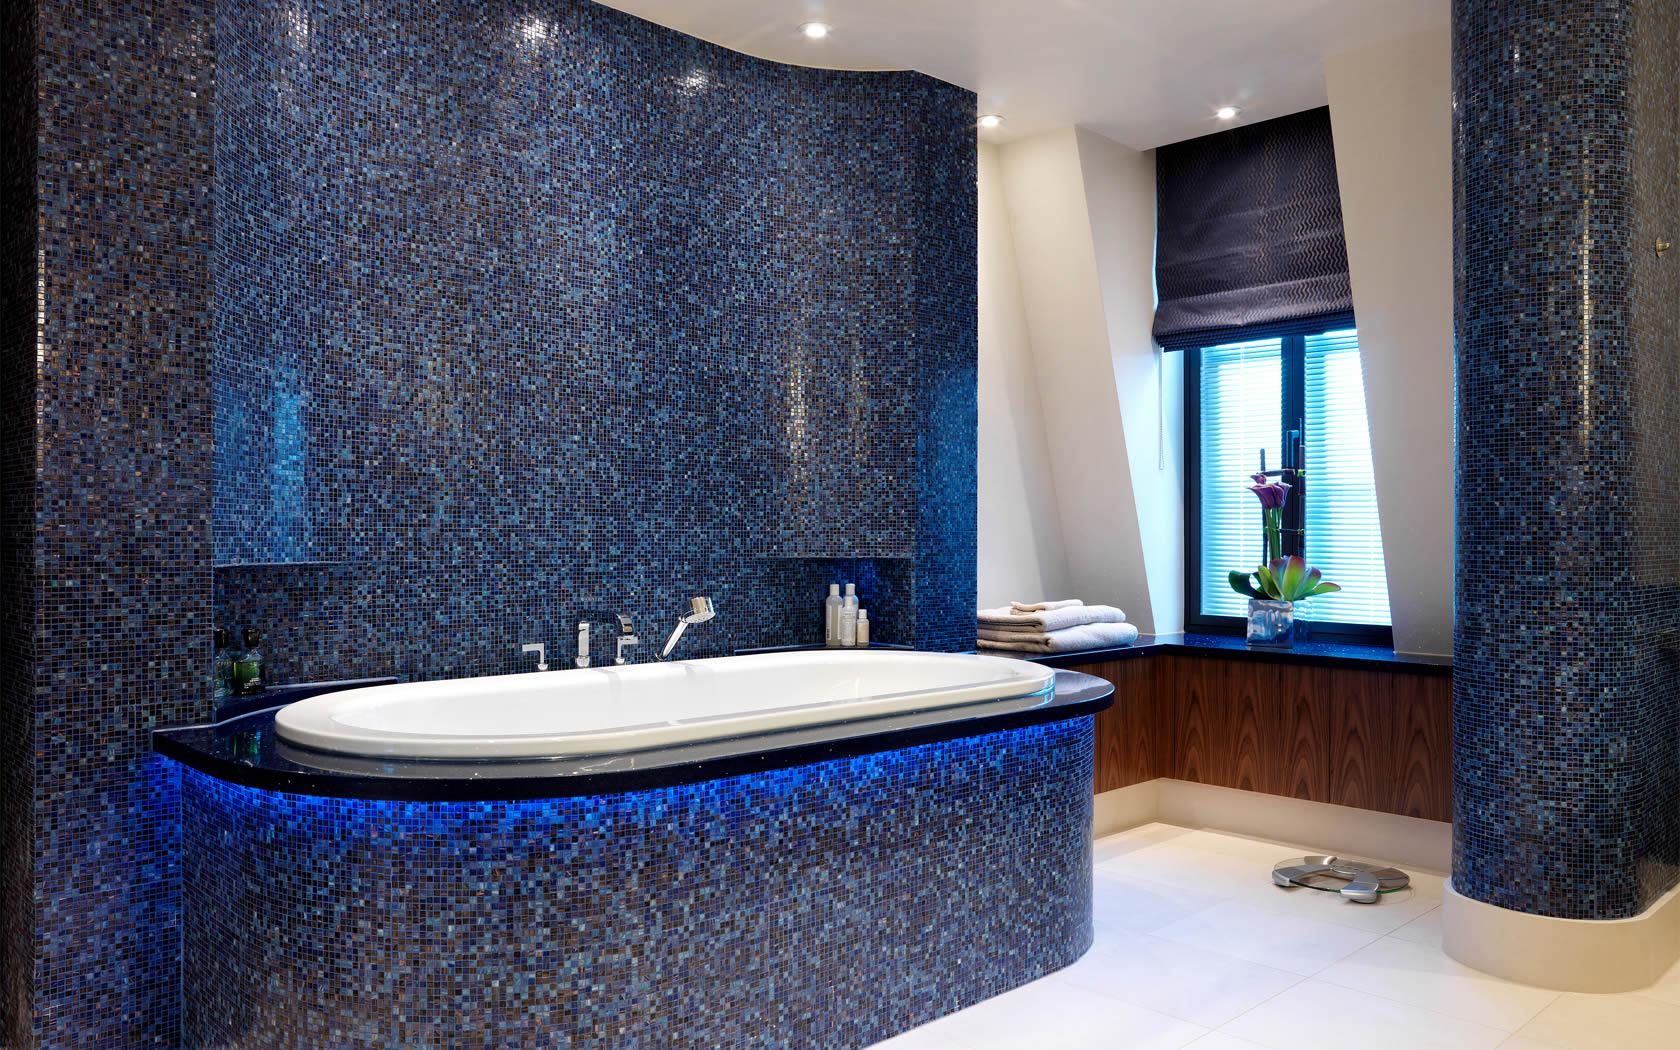 Отделка ванной комнаты синей мозаикой